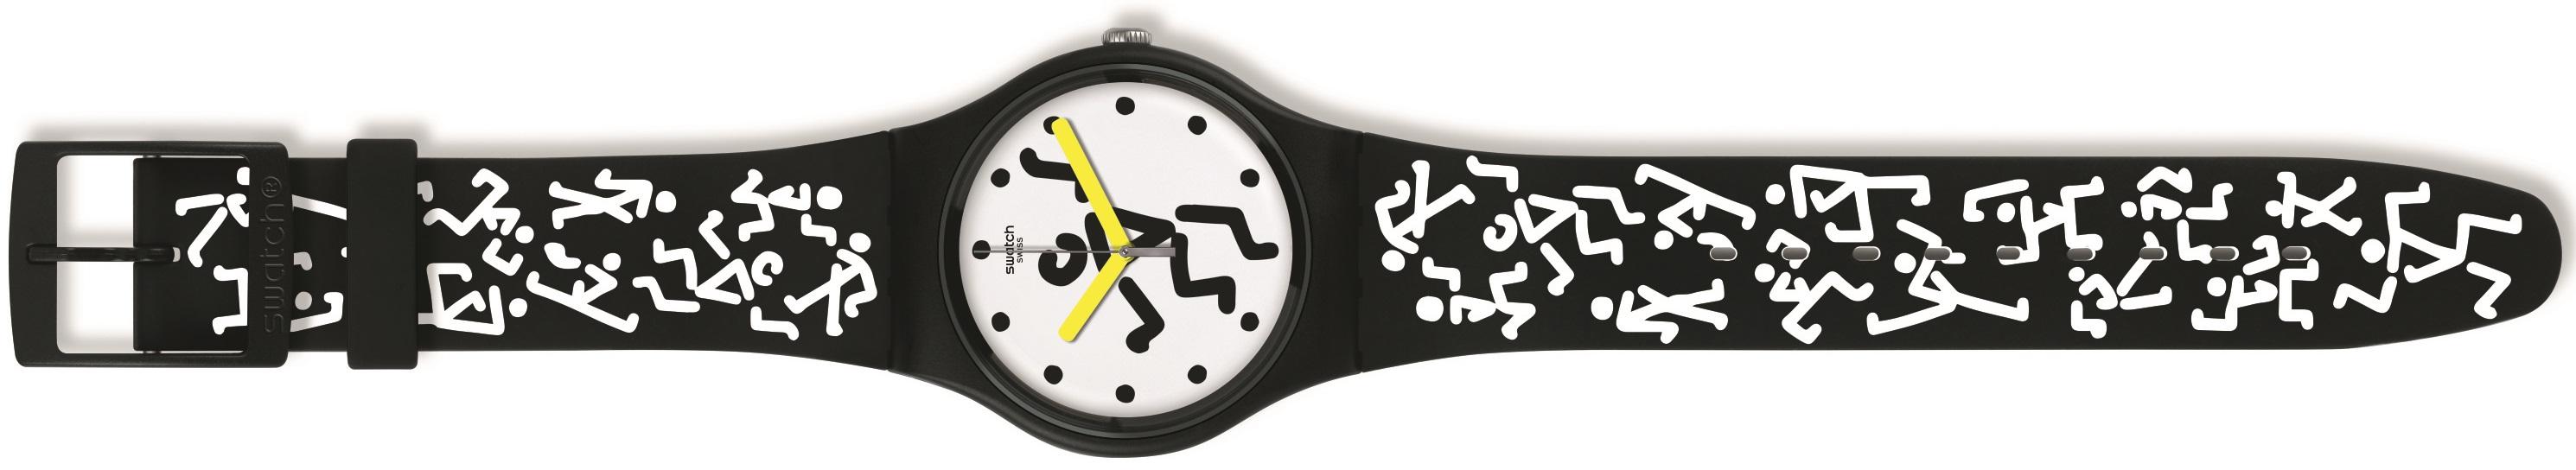 Swatch brengt werelds horloge Zanka uit met muzikaal talent Jain